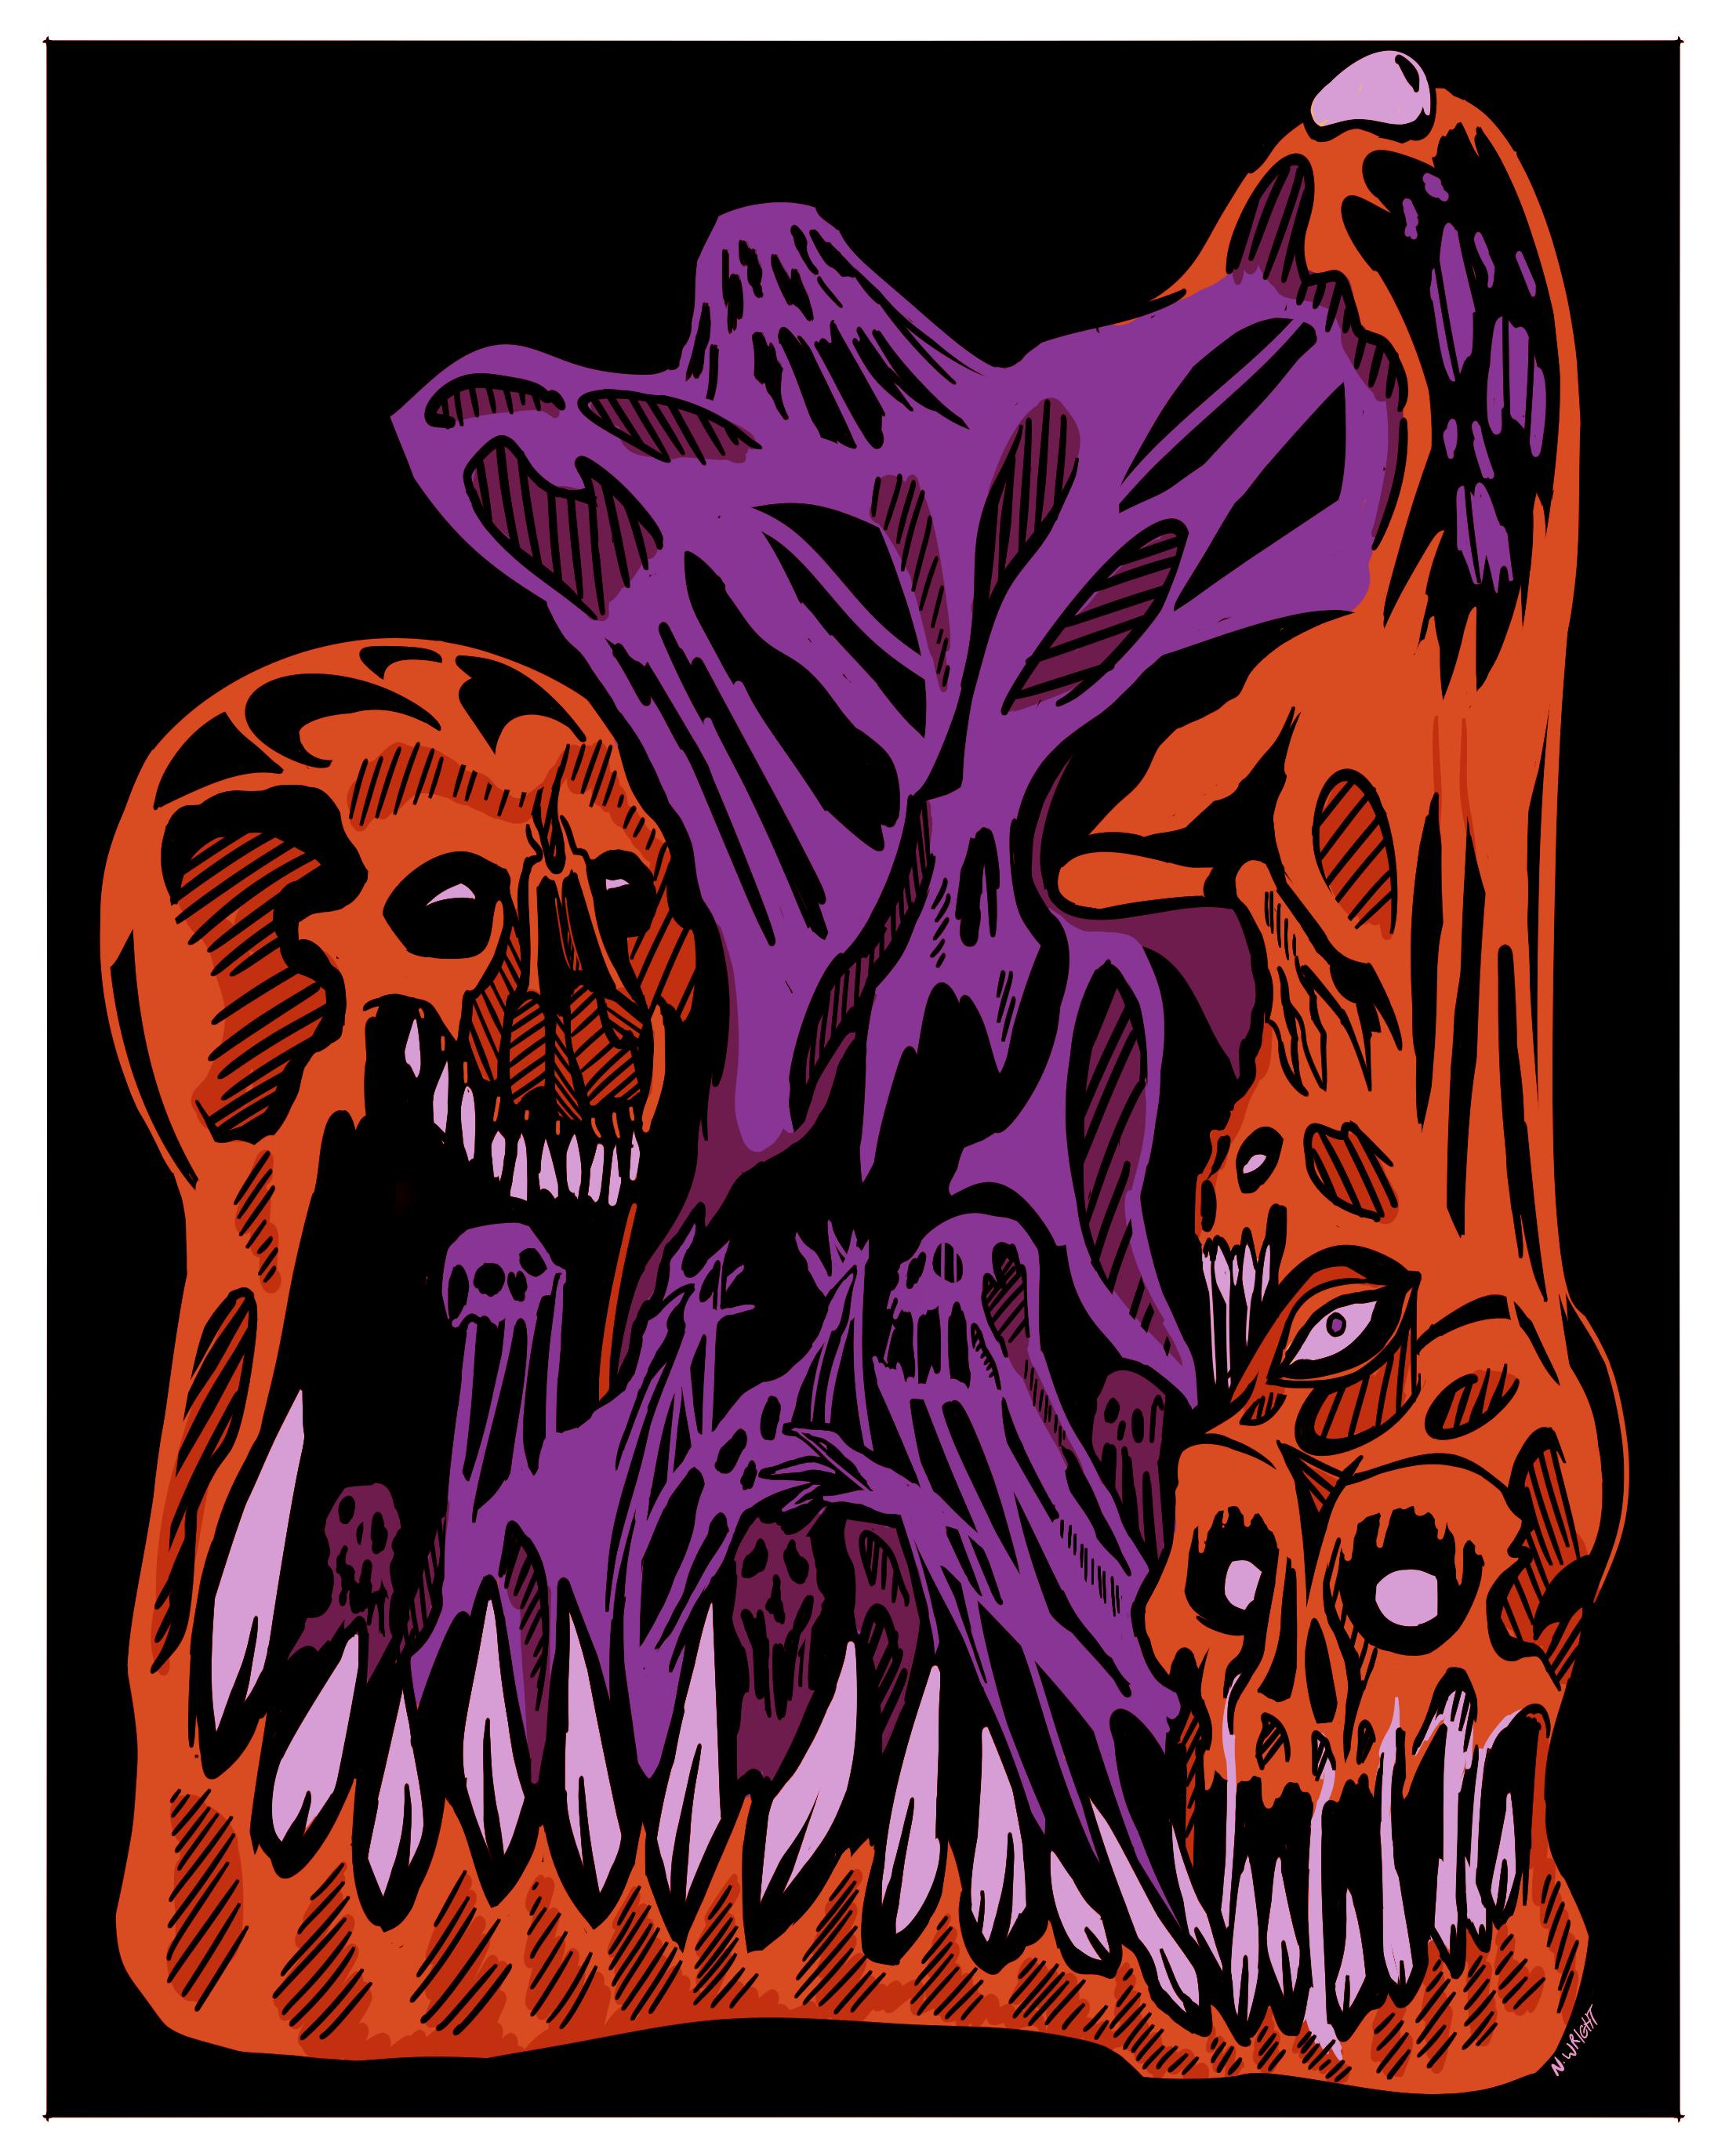 ghastly pile